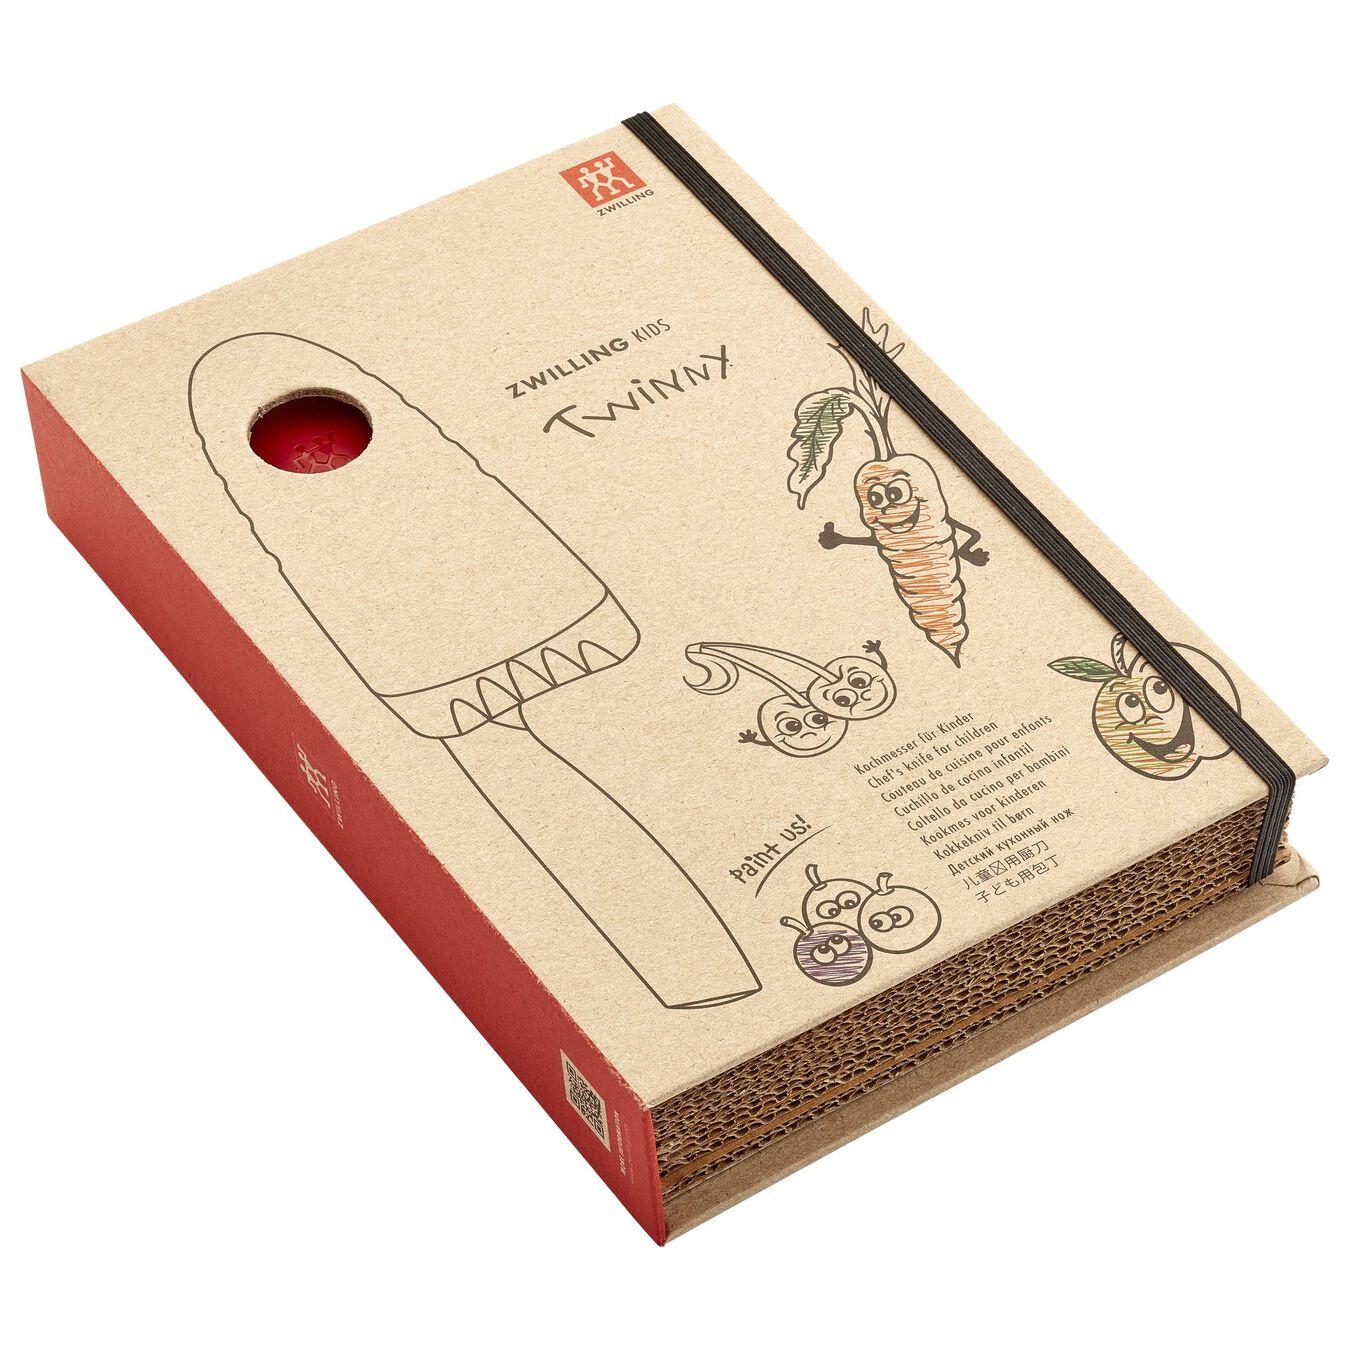 Coltello da cuoco - 10 cm, rosso,,large 5